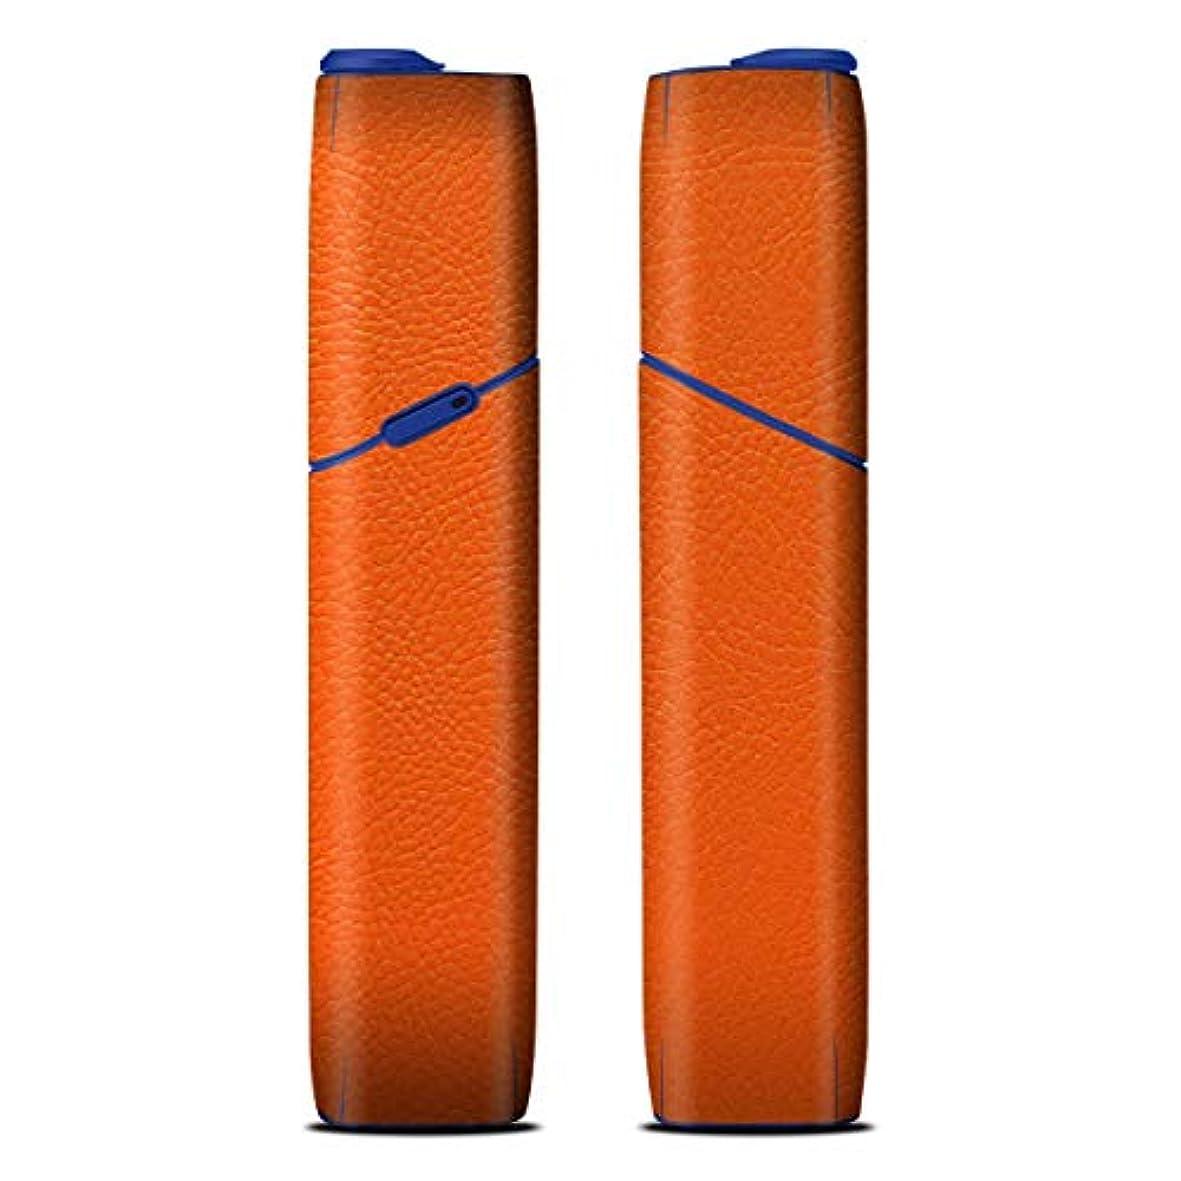 次代表するのiQOS3 MULTI アイコス3 マルチ 専用 プレミアムレザーオレンジ 柄 デザインスキンシール デコ フルセット アクセサリ